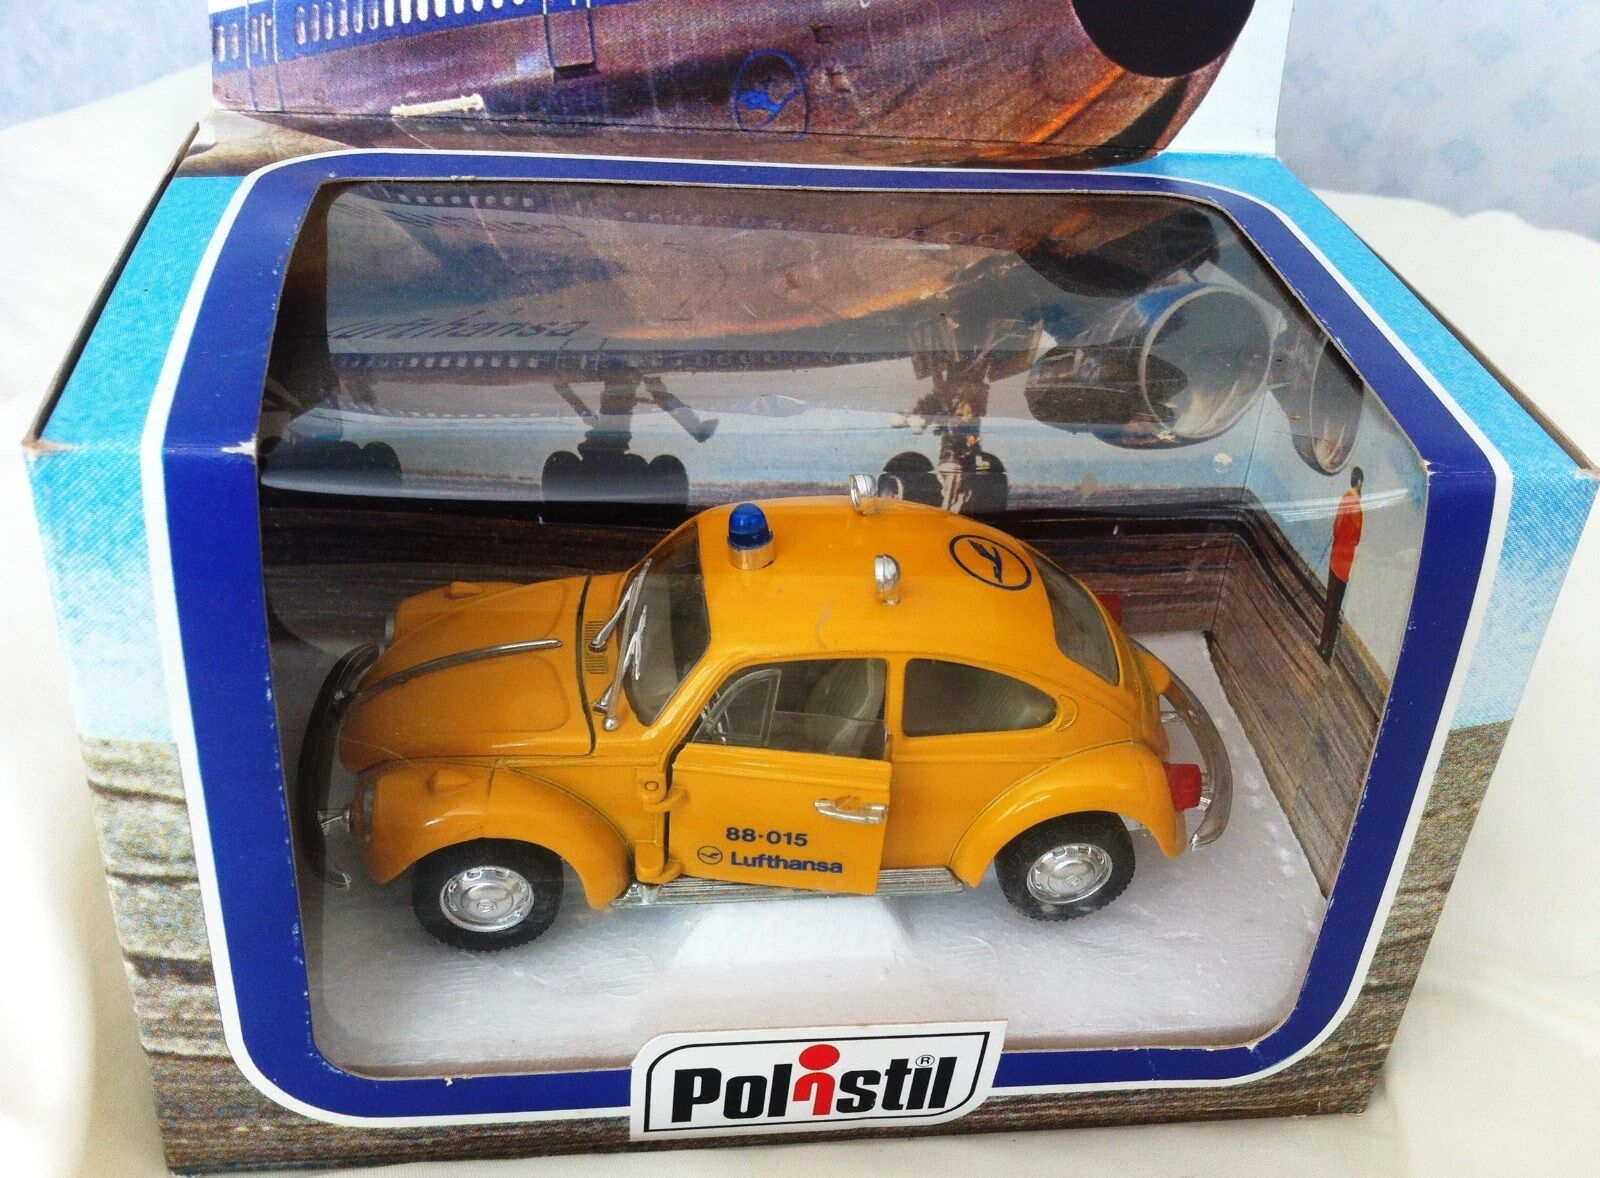 alta calidad Escaso Polistil Italia VW Beetle Lufthansa Boeing 747 747 747 Jumbo 1 25 Escala Ref S44  tienda de descuento